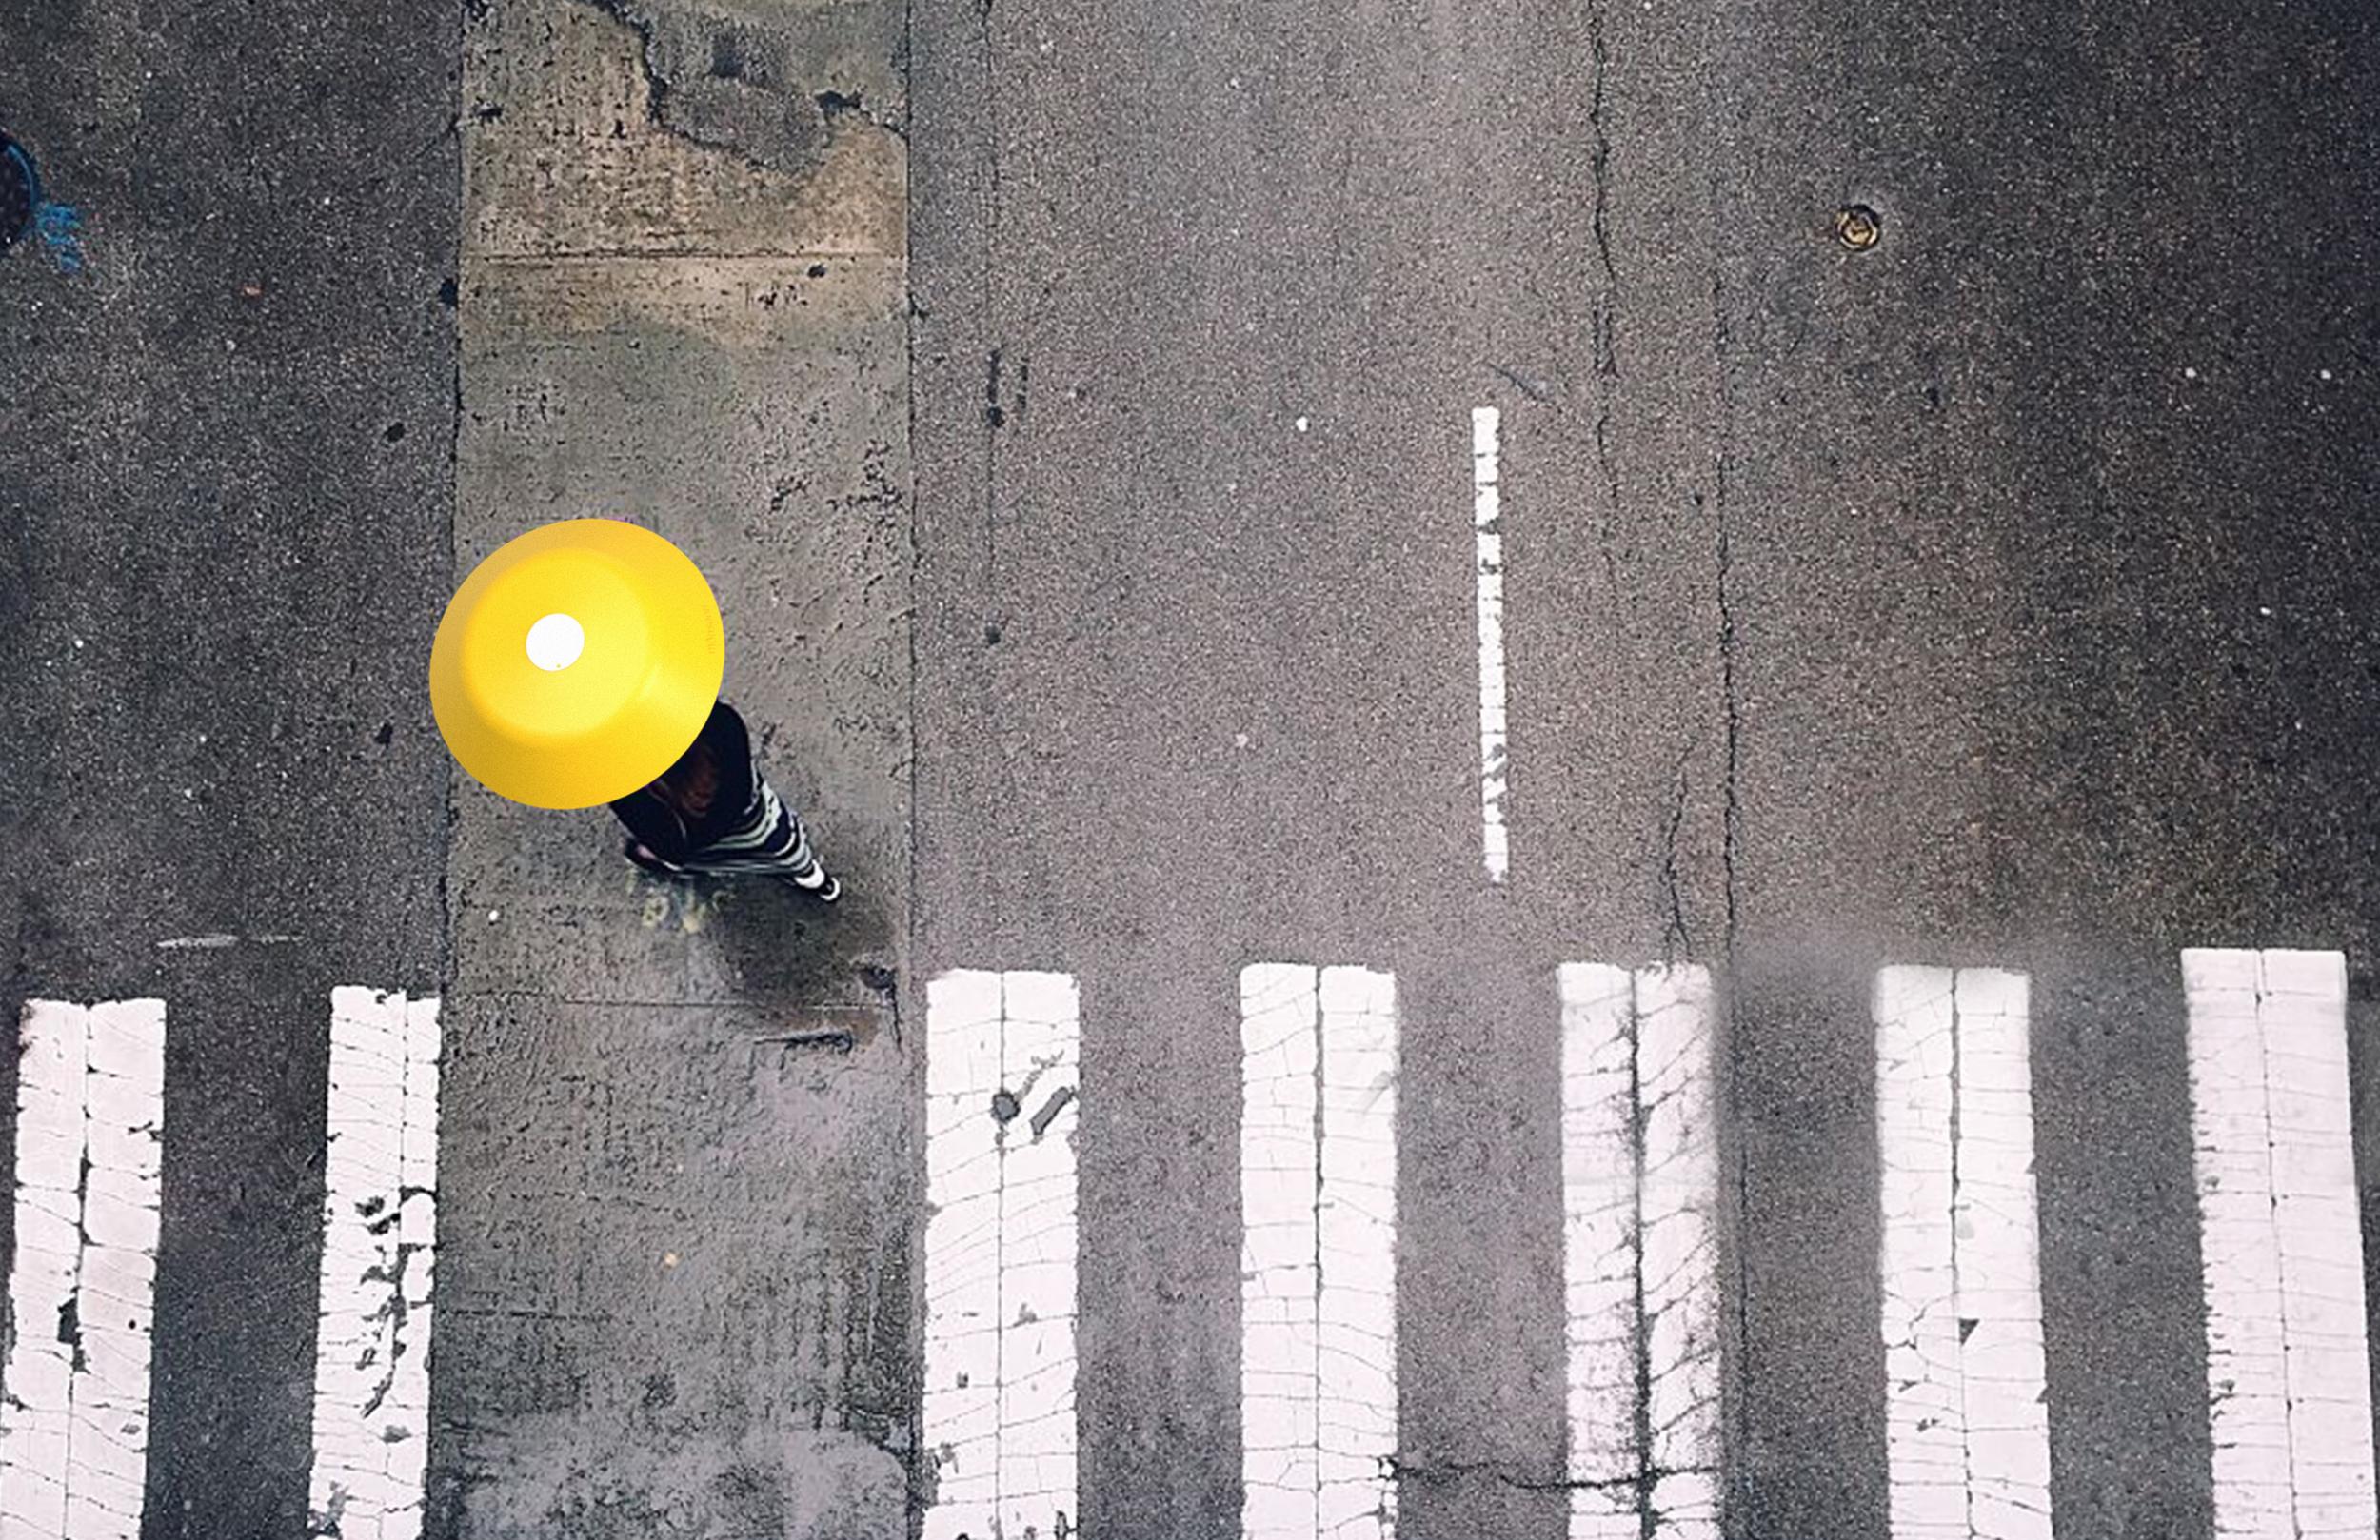 Crossing_Umbrella.jpg